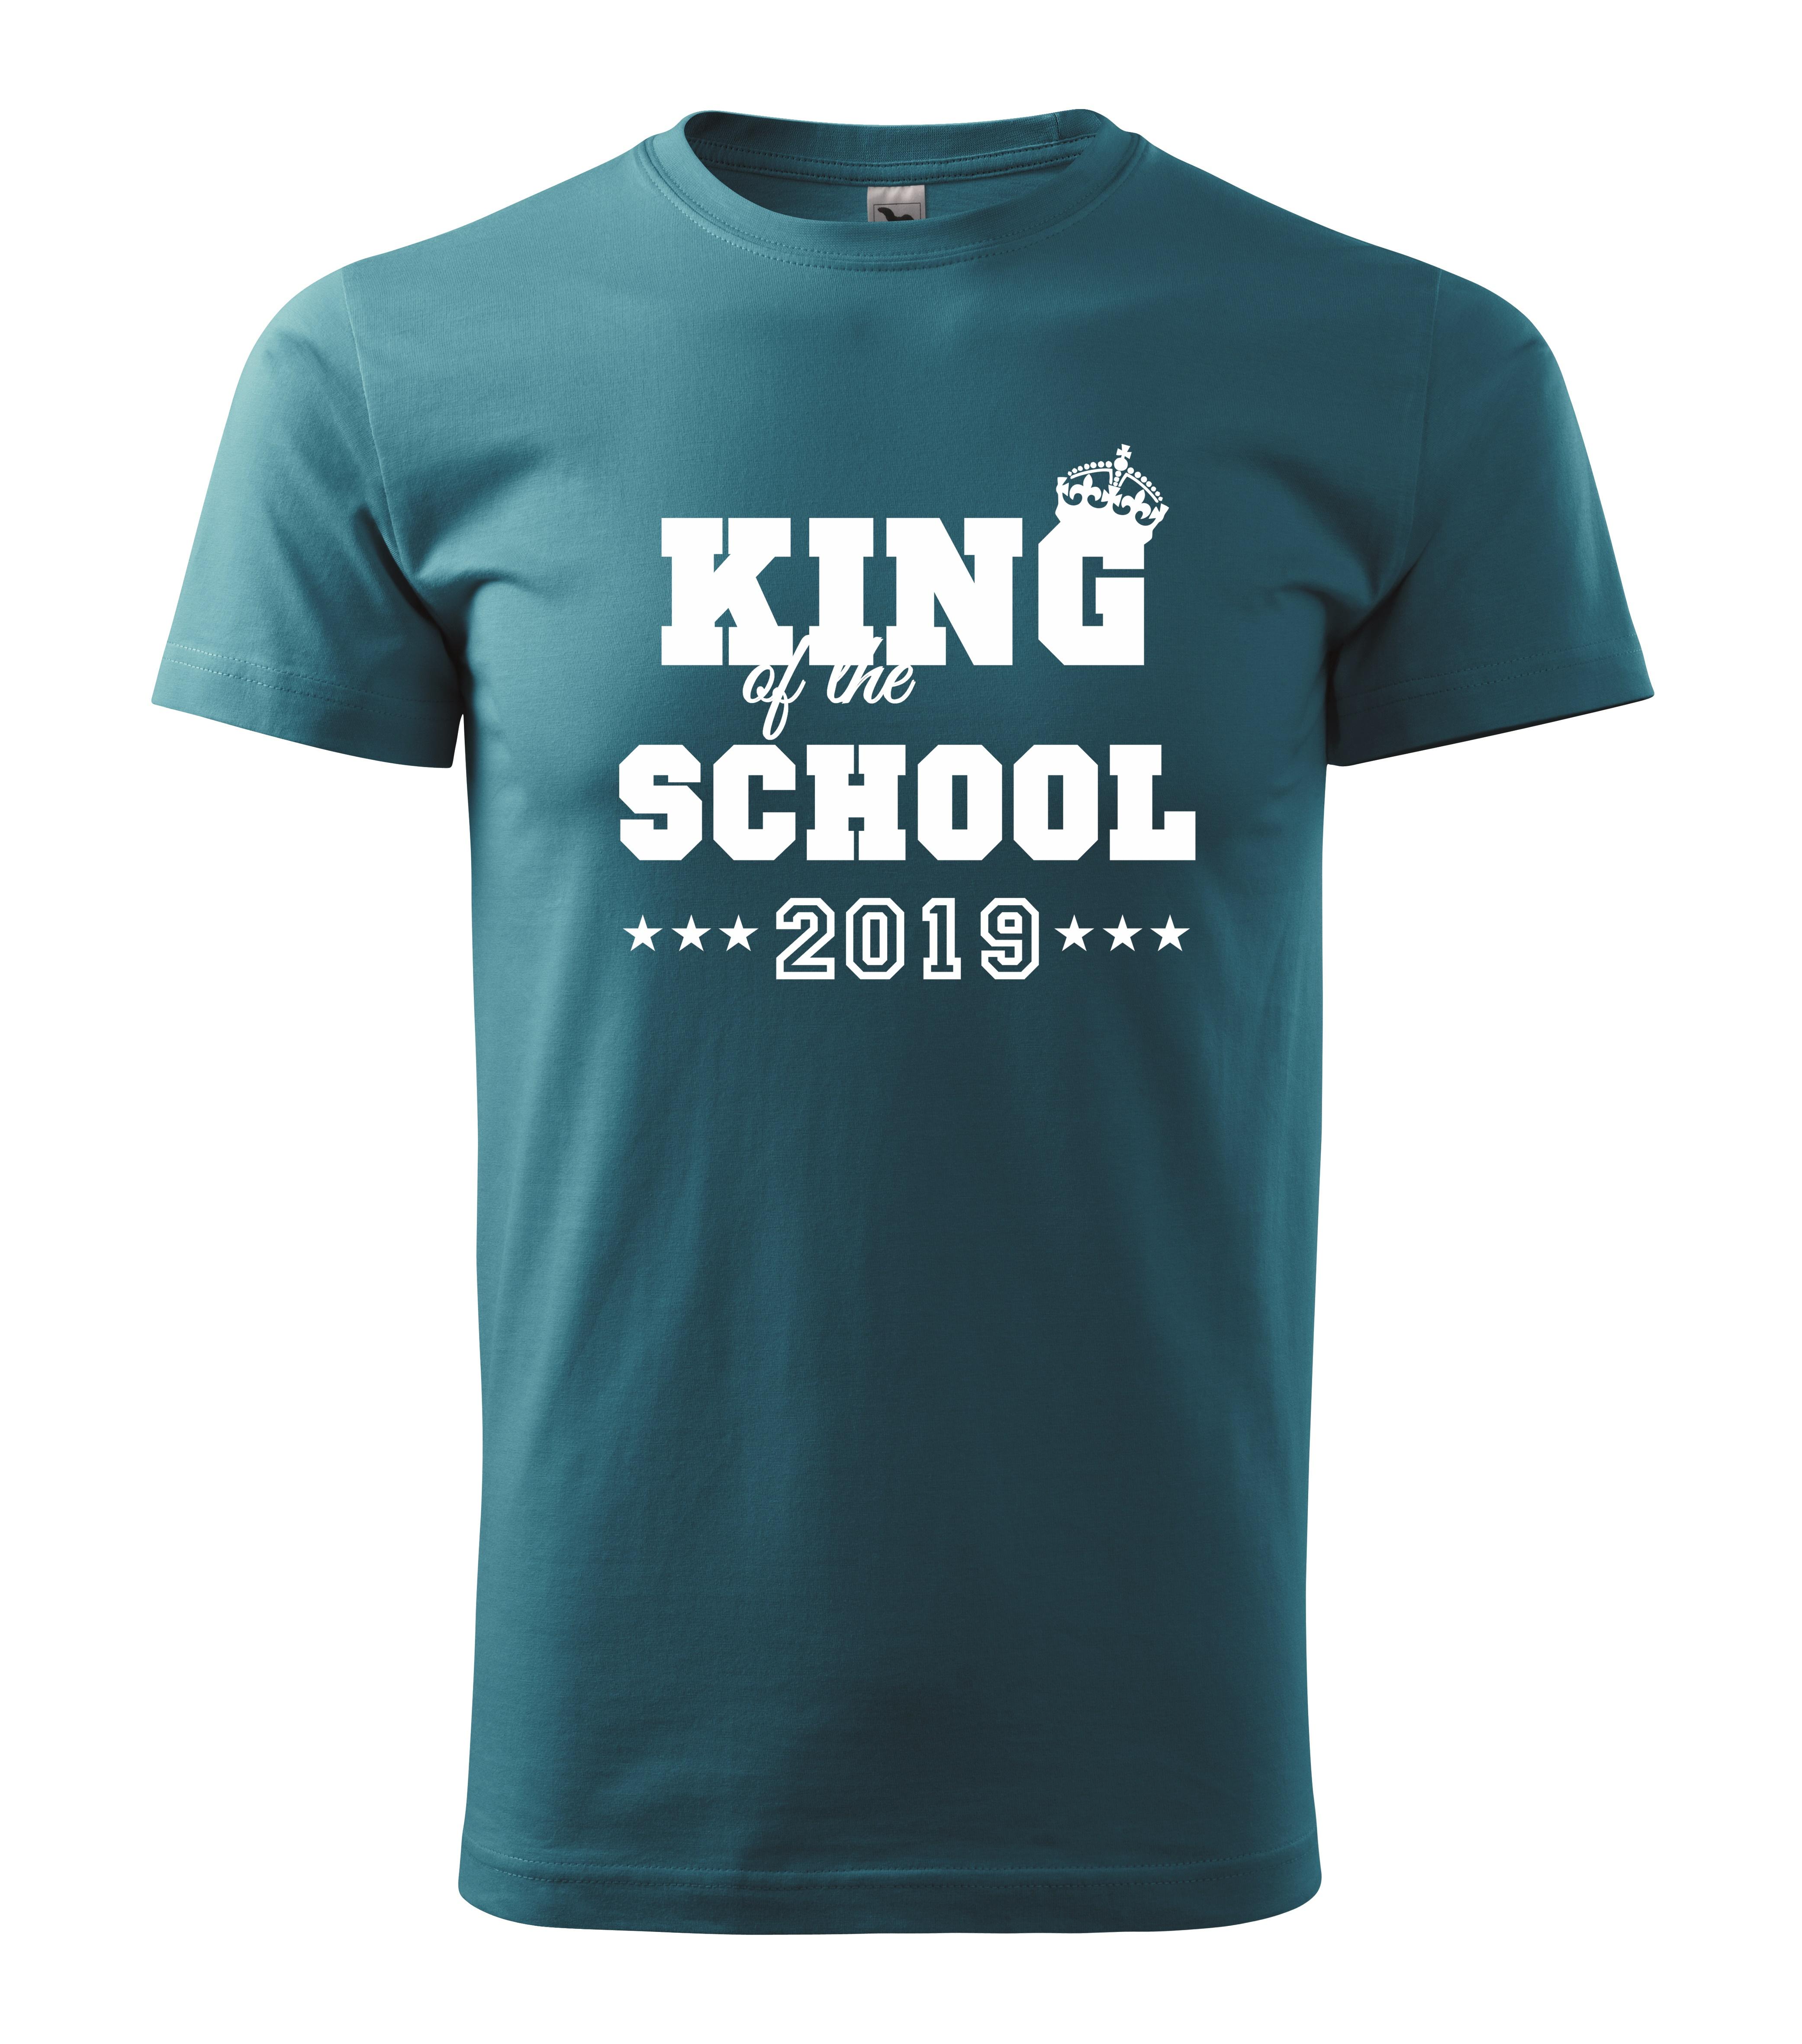 Vytvořte si třídní tričko podle Vašich představ. Prohlédněte si návrhy na  přední a zadní stranu trička. Grafické návrhy si můžete v objednávkovém  formuláři ... ff5a80bbc3